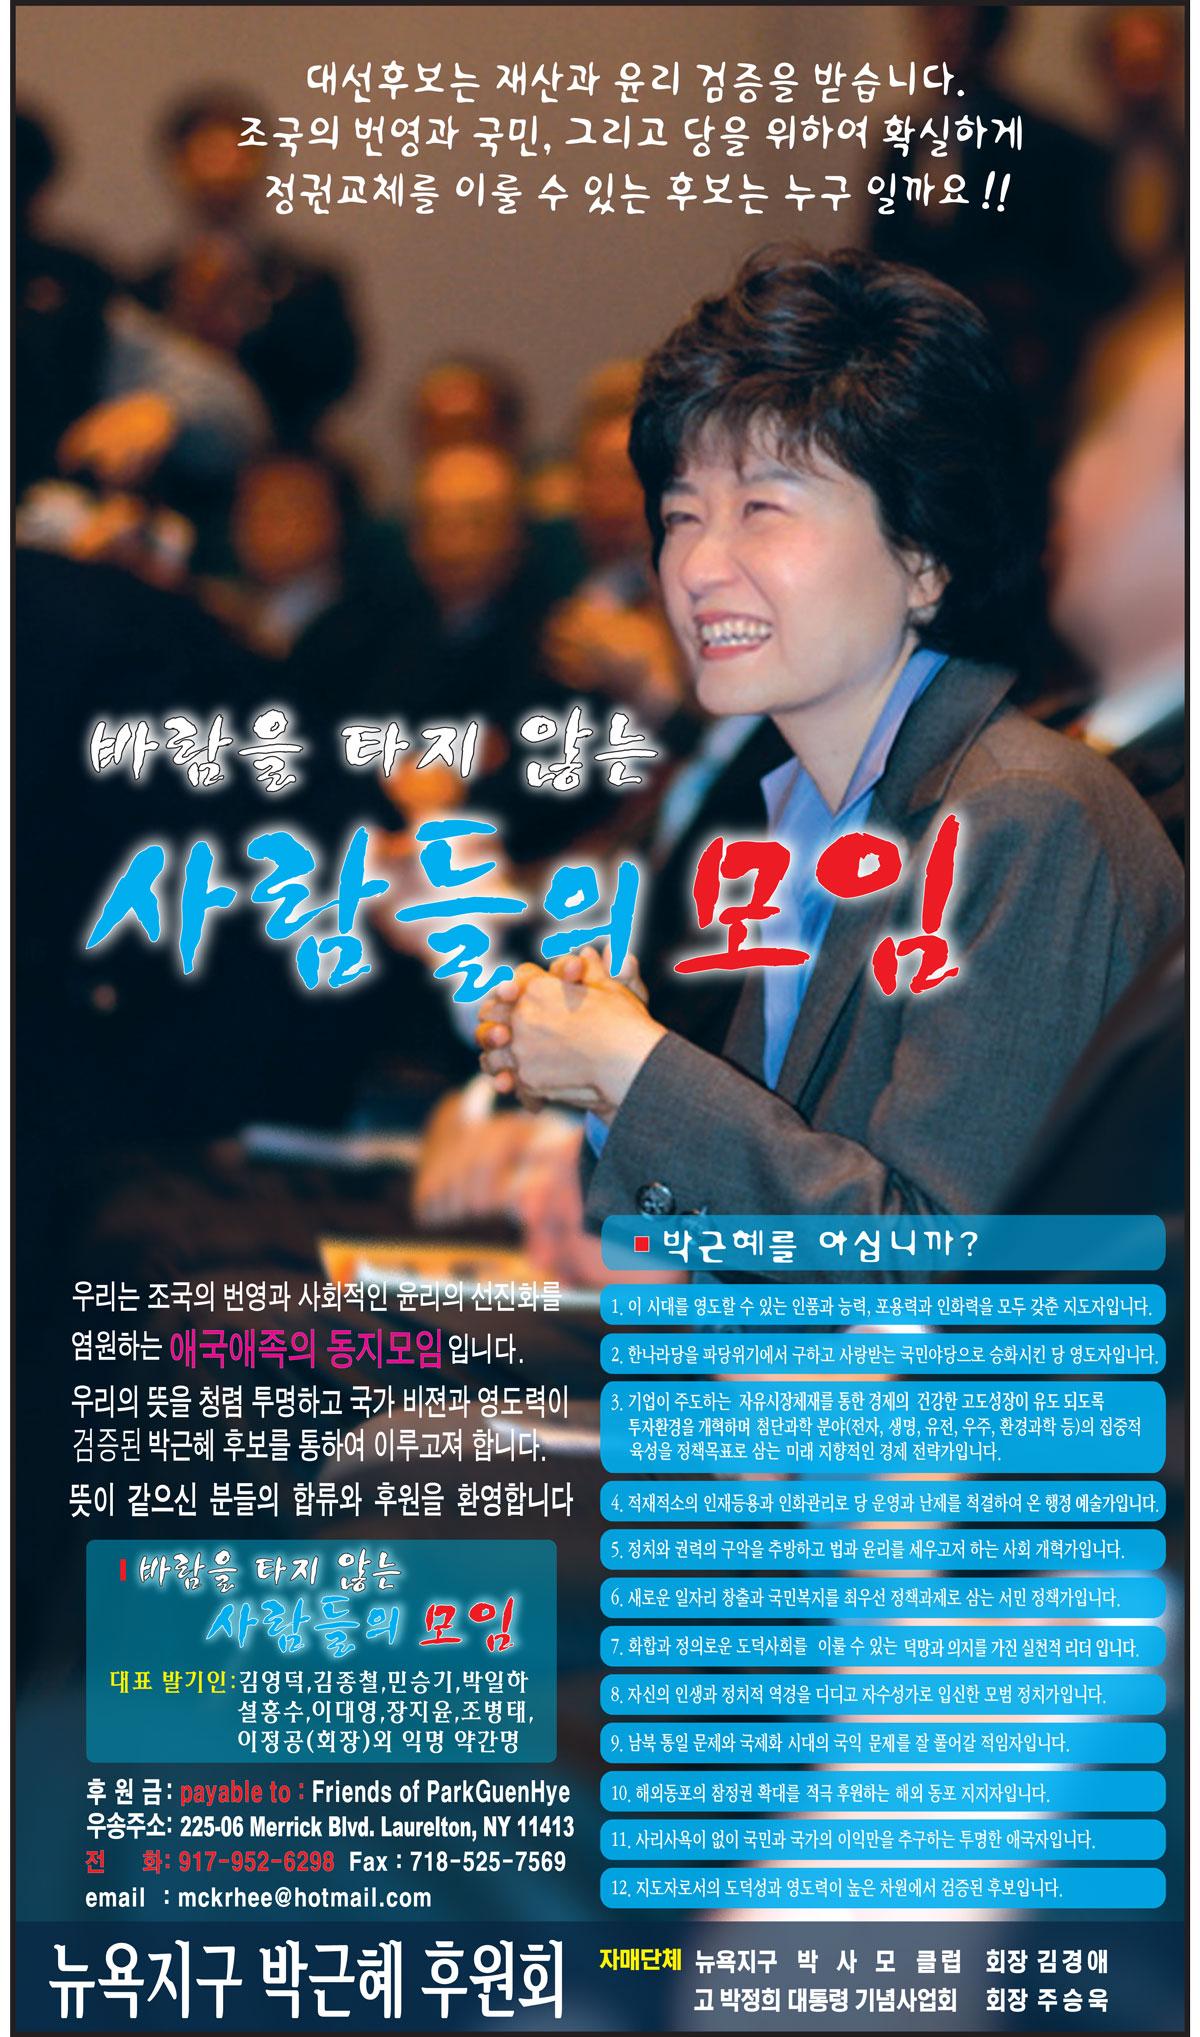 2007년 박근혜 경선 지원 광고.jpg